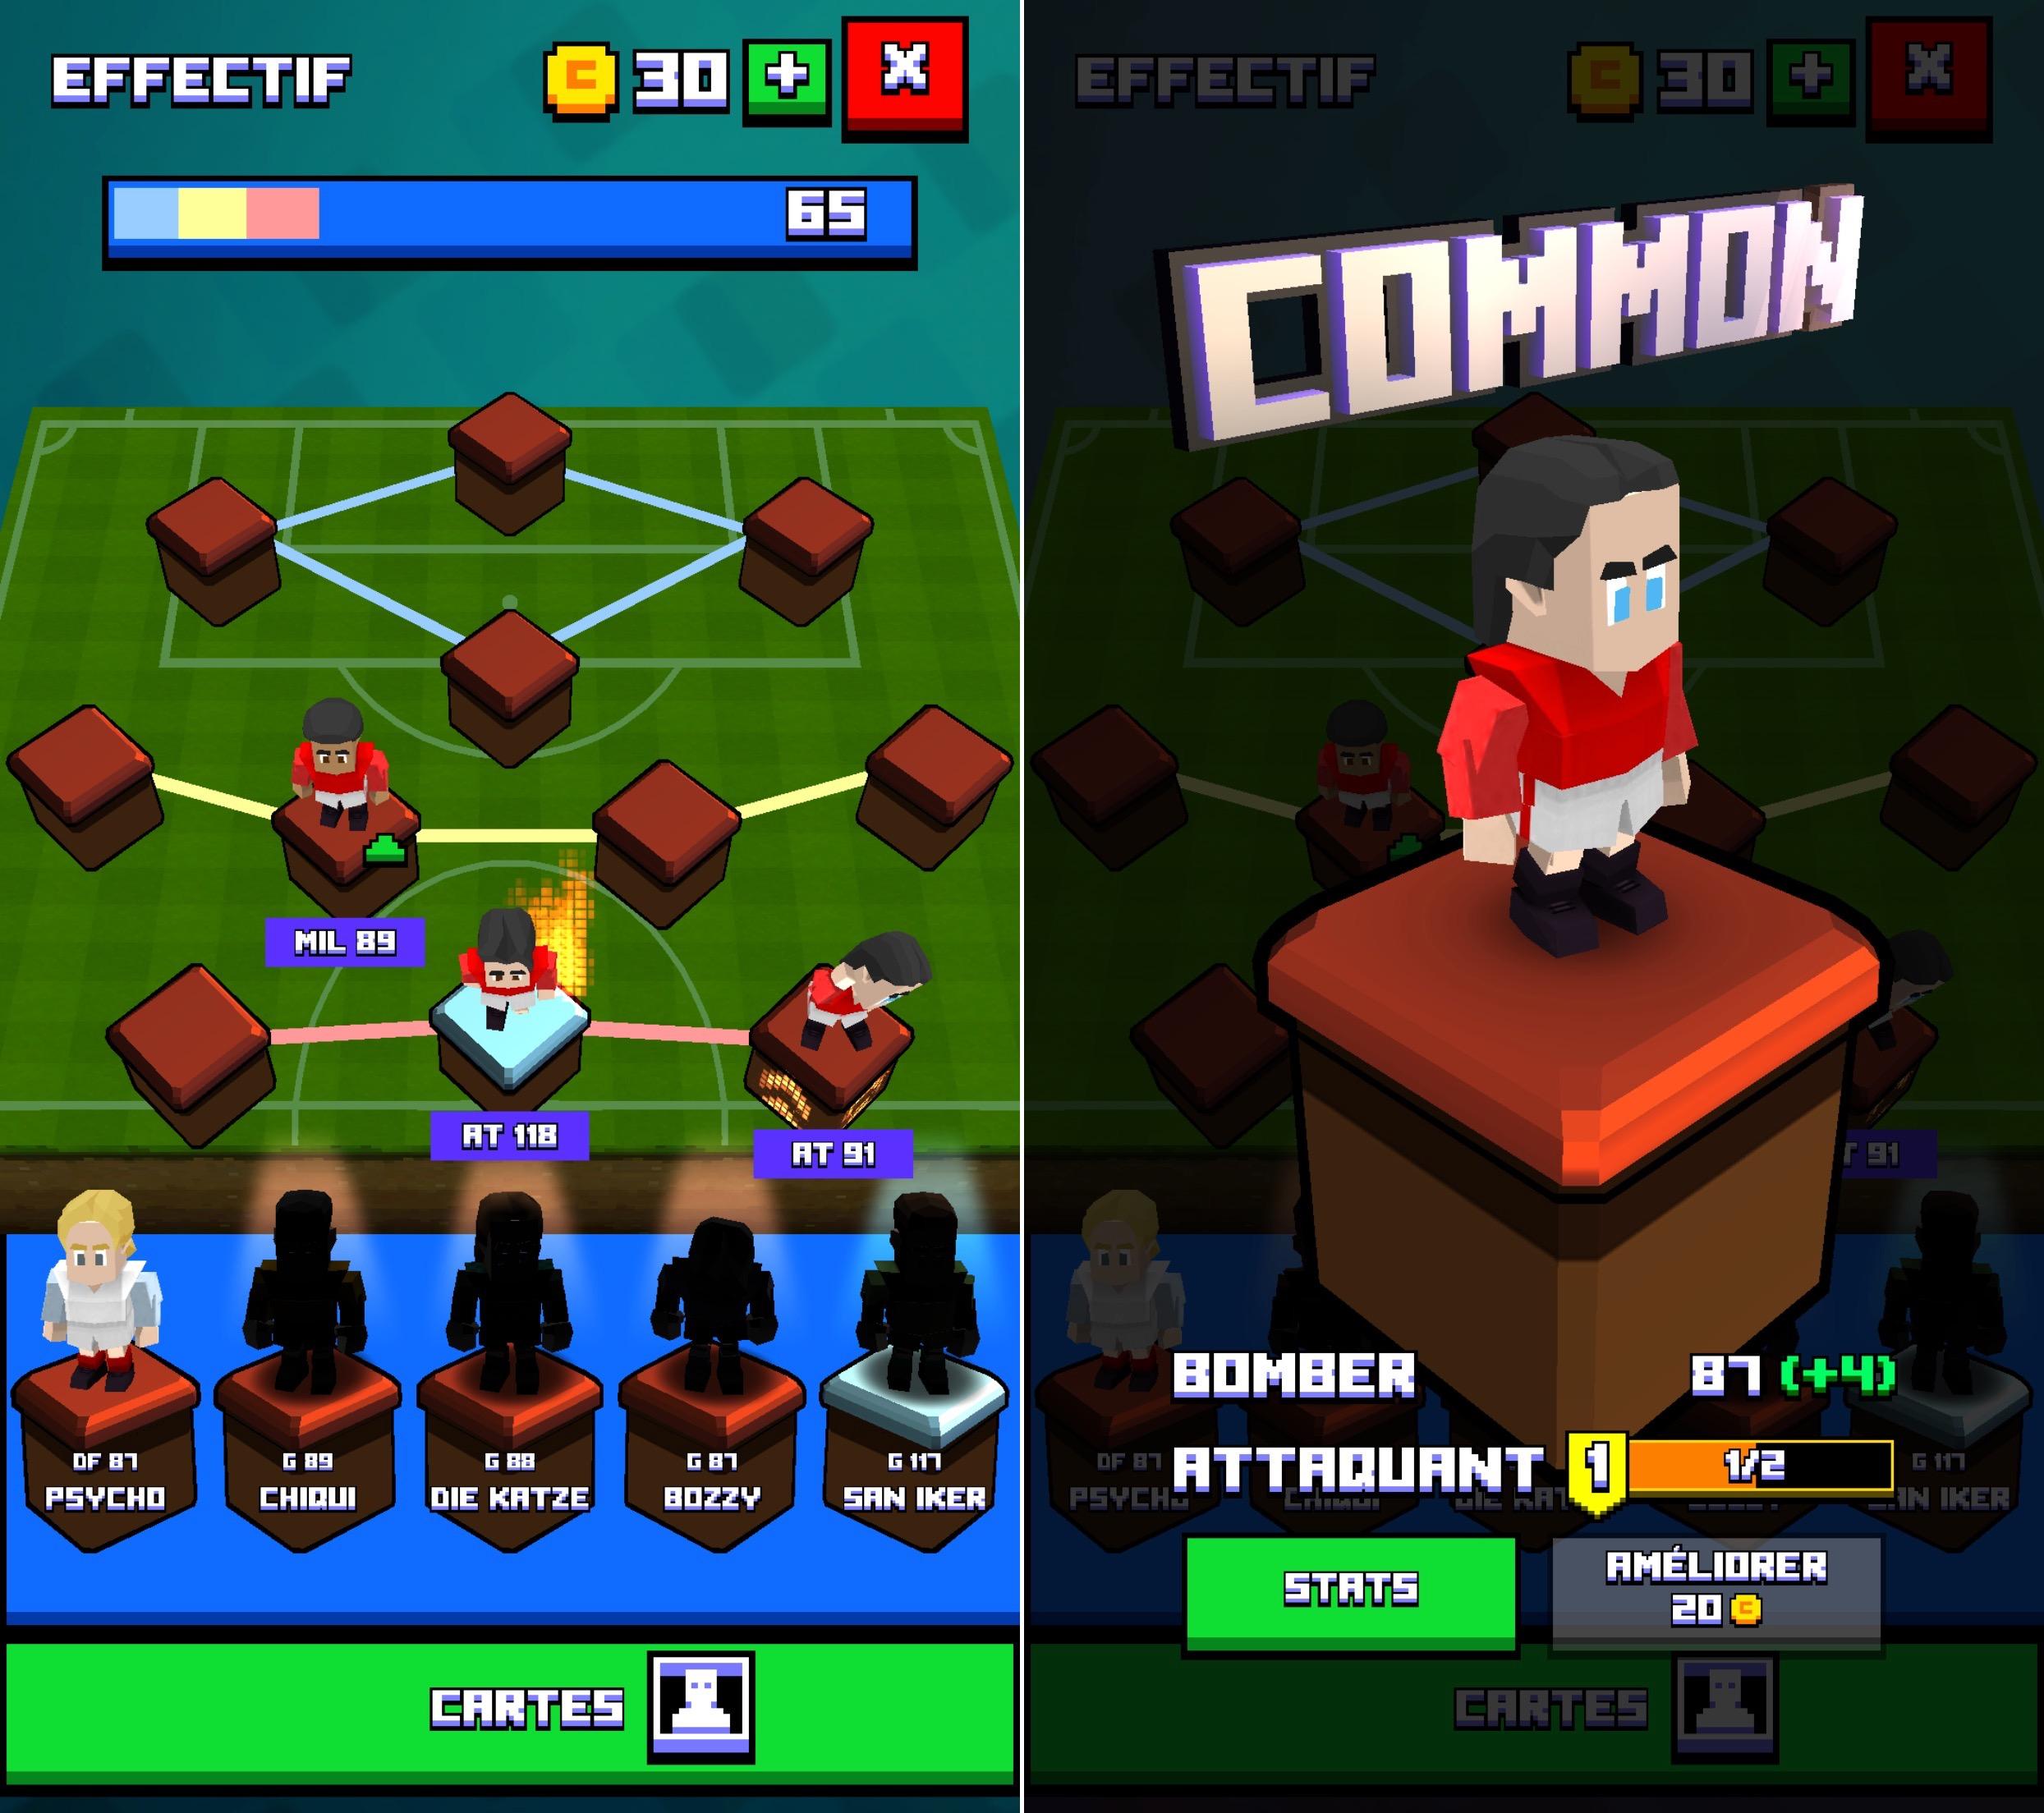 retro soccer nouveau jeu de foot iphone l 39 ambiance r tro pixel gratuit et sympa. Black Bedroom Furniture Sets. Home Design Ideas